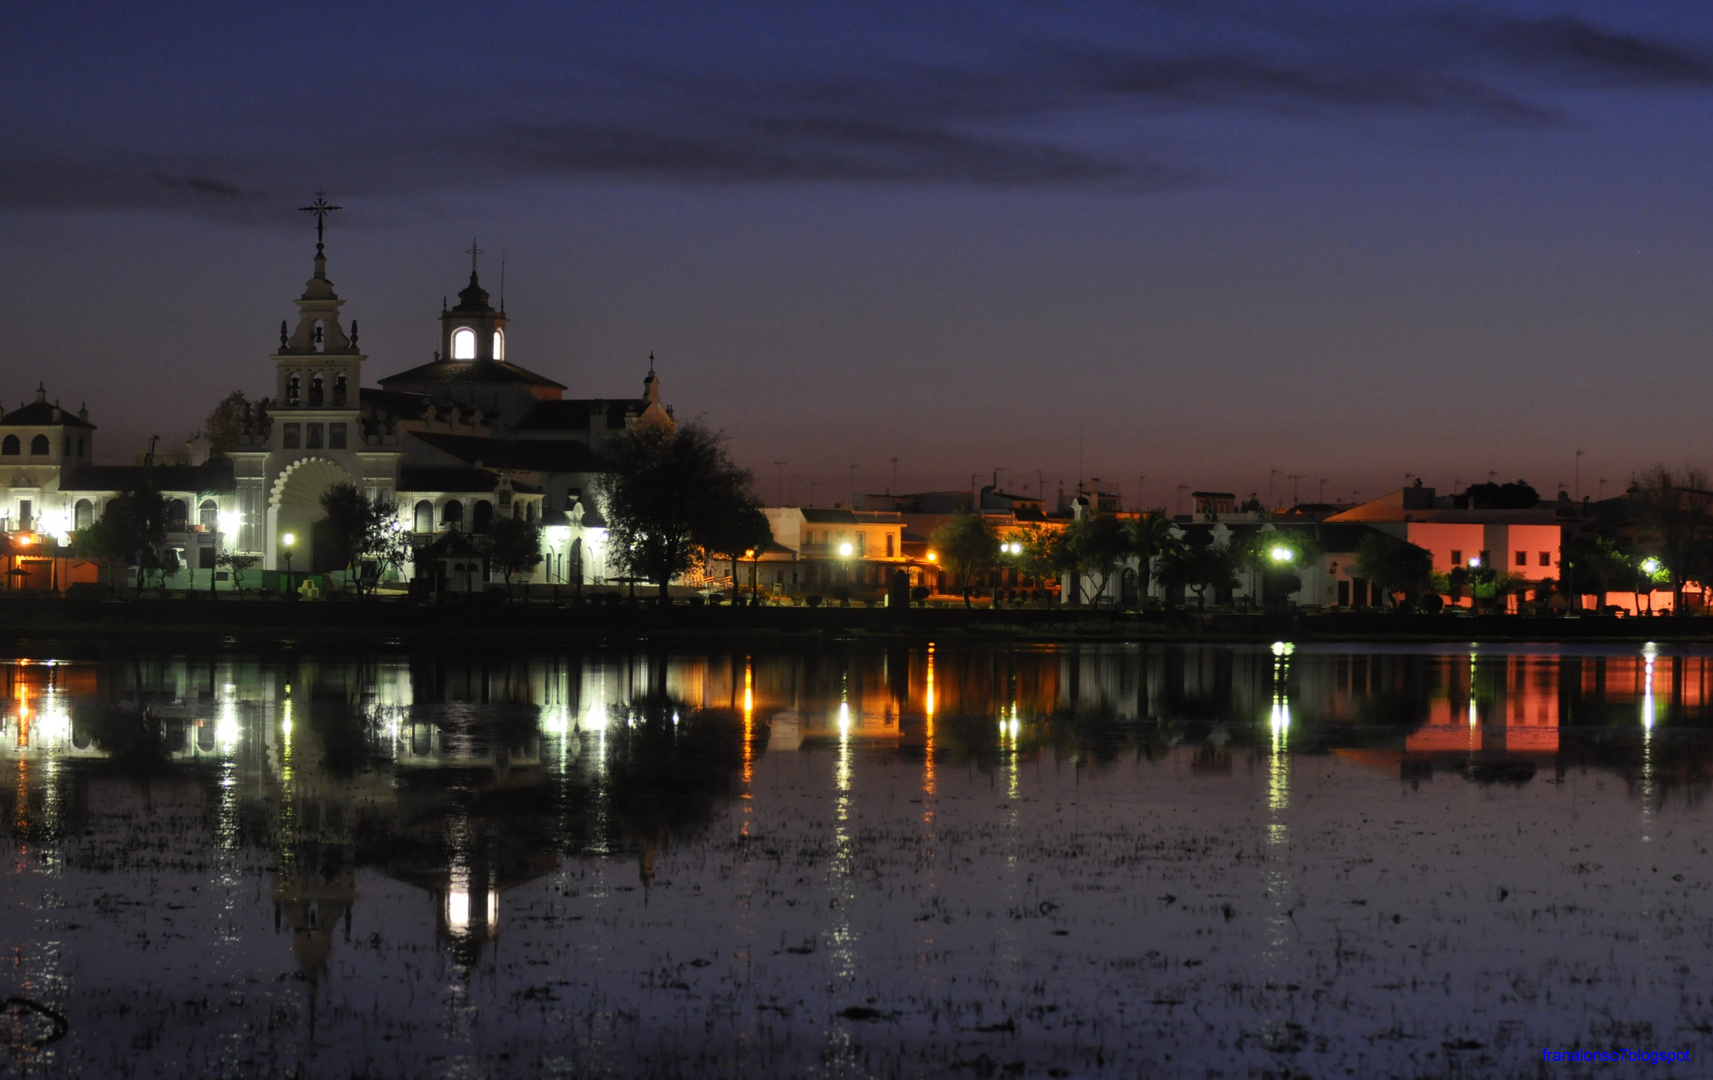 Amanecer en la Aldea del Rocio,Almonte...Huelva